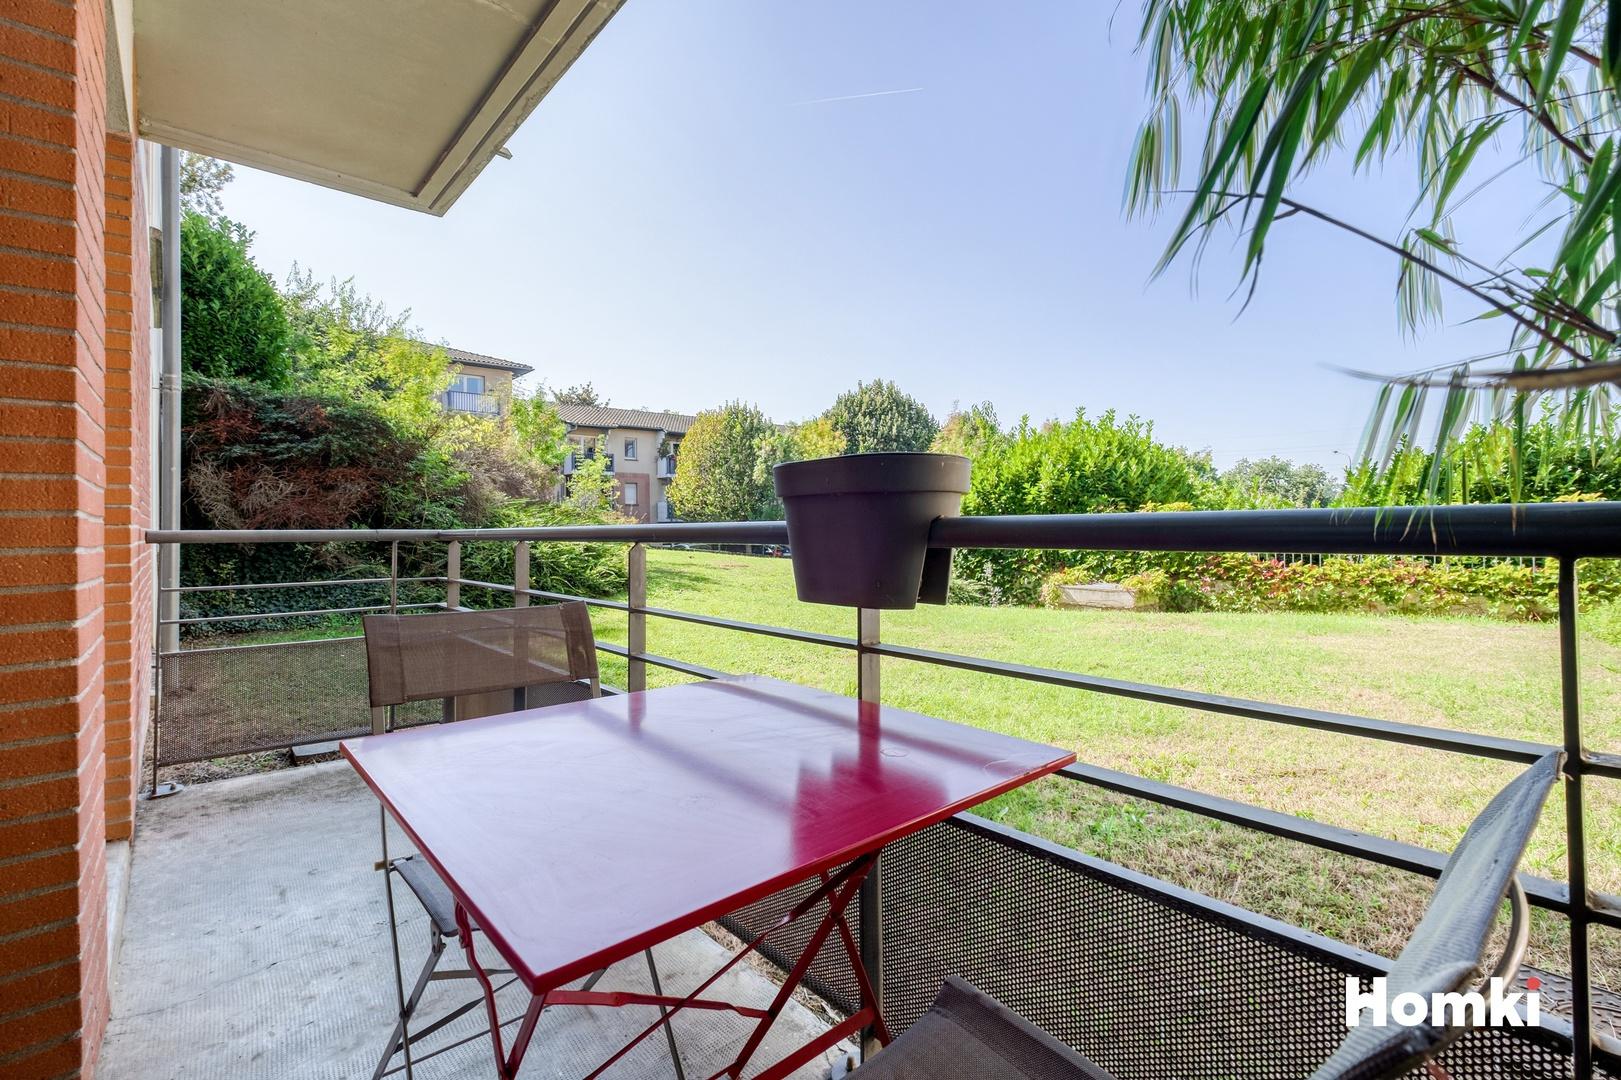 Homki - Vente Appartement  de 71.0 m² à Toulouse 31300